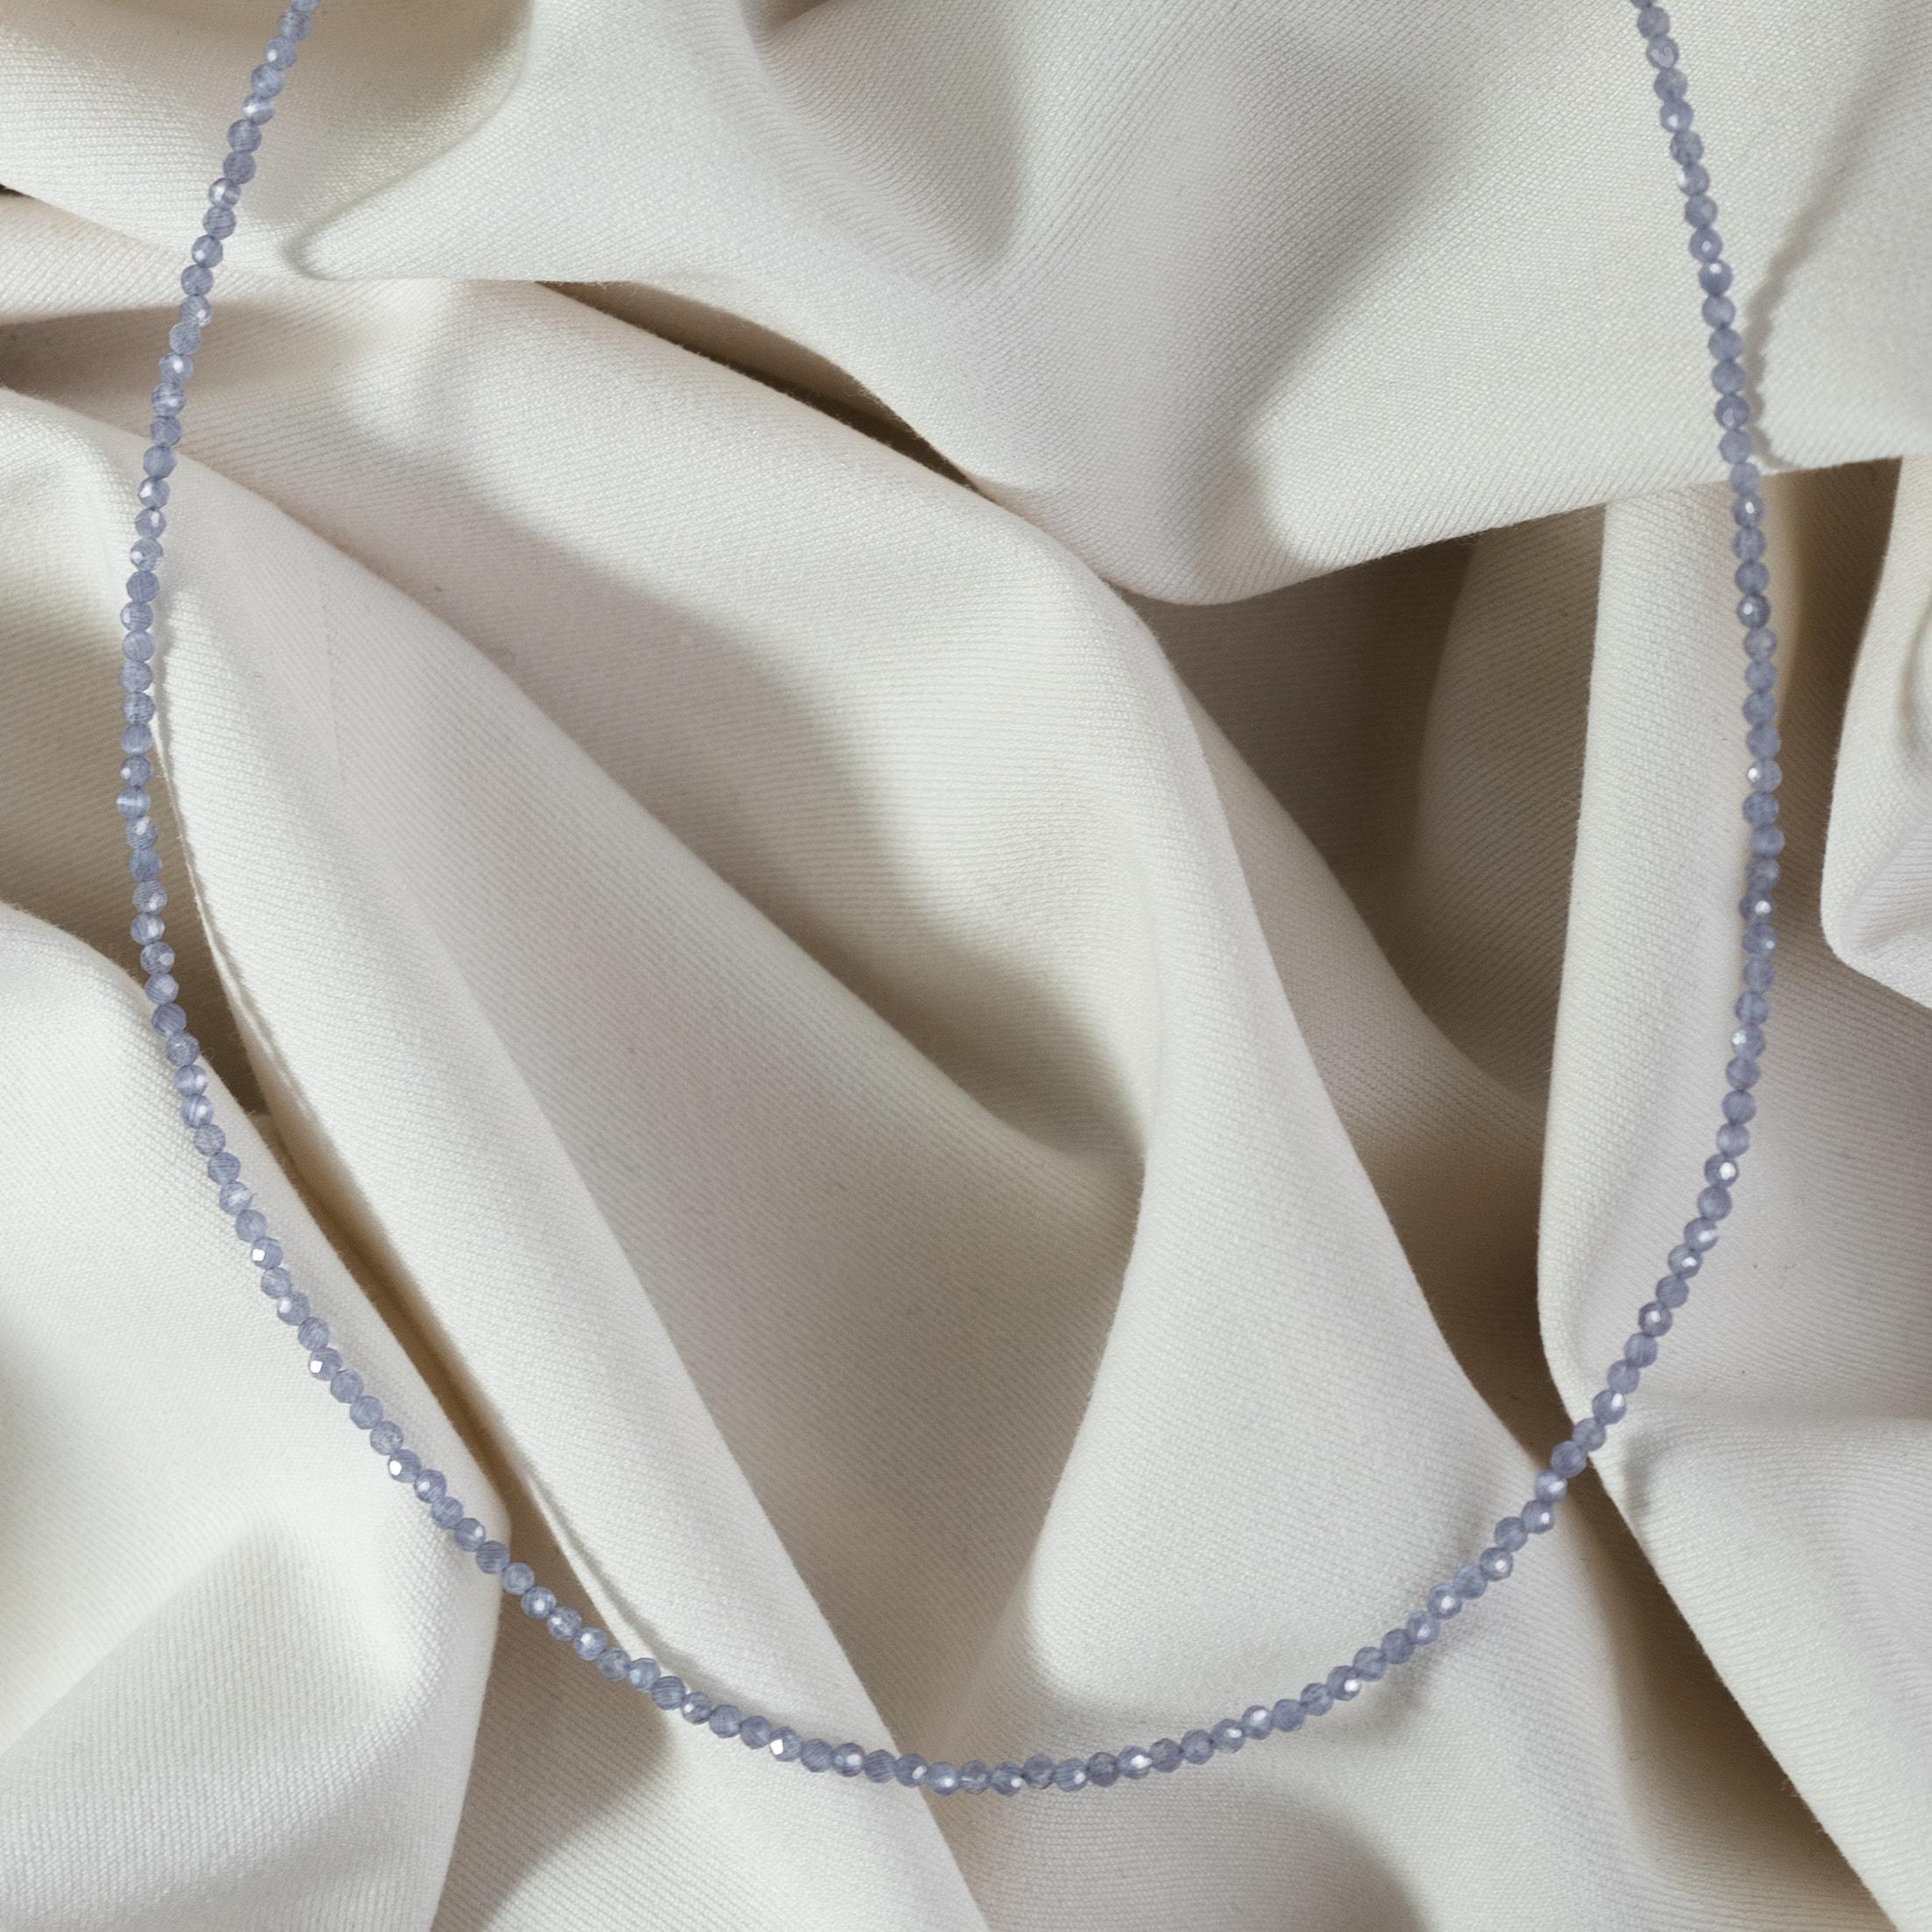 Fioletowy naszyjnik z tanzanitem na jasnym materiale